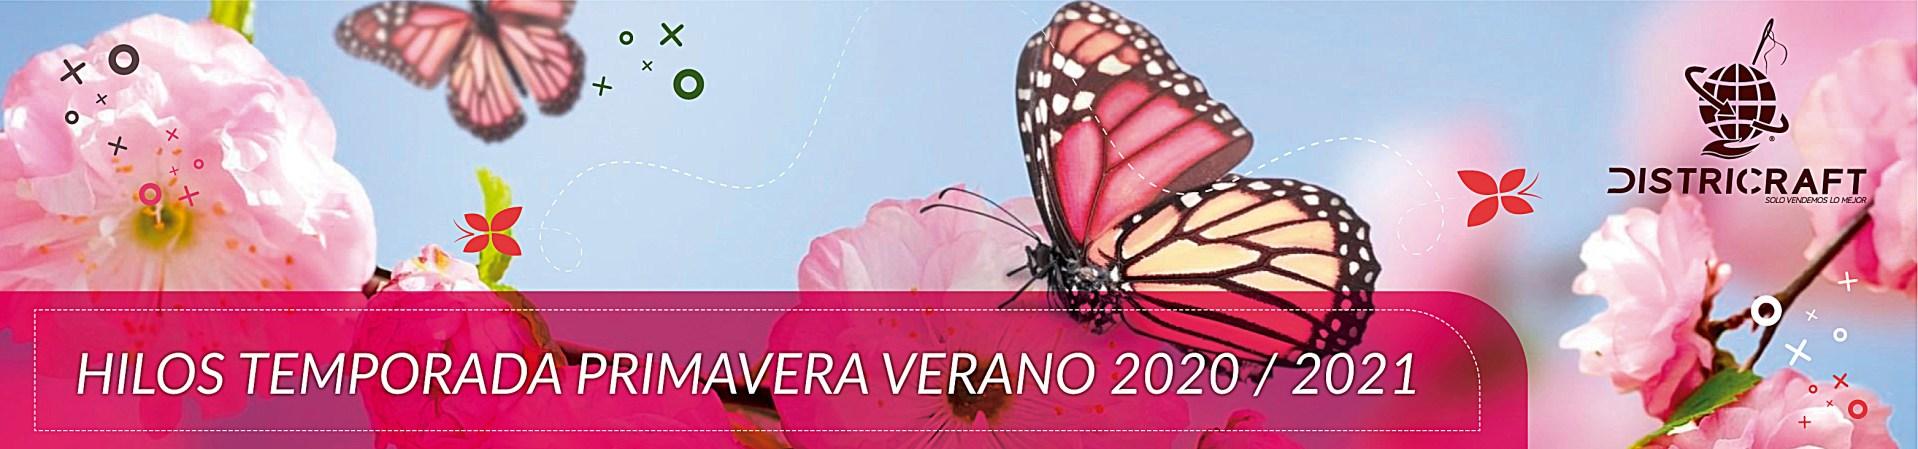 Banner-Hilos-Temporada-Primavera-Verano-2020-2021